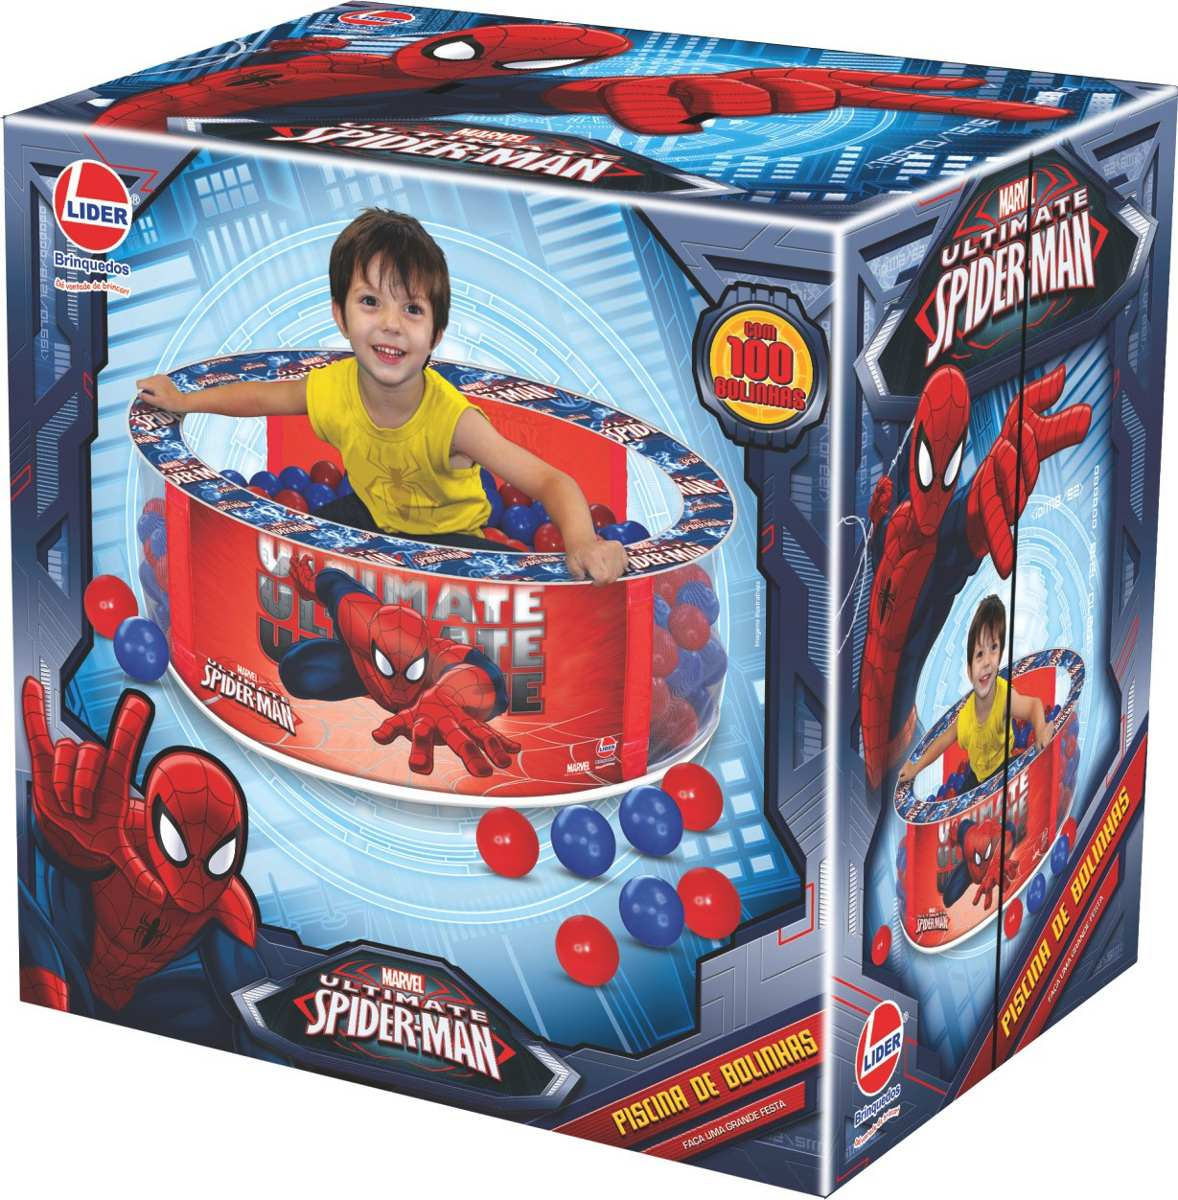 ba1c0d3f05 piscina de bolinhas spider man infantil homem aranha - líder. Carregando  zoom.